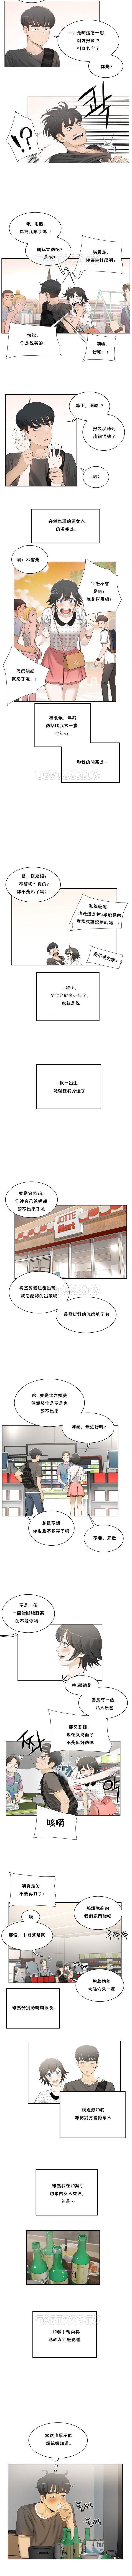 性教育 1-48.5 中文翻译(完結) 2